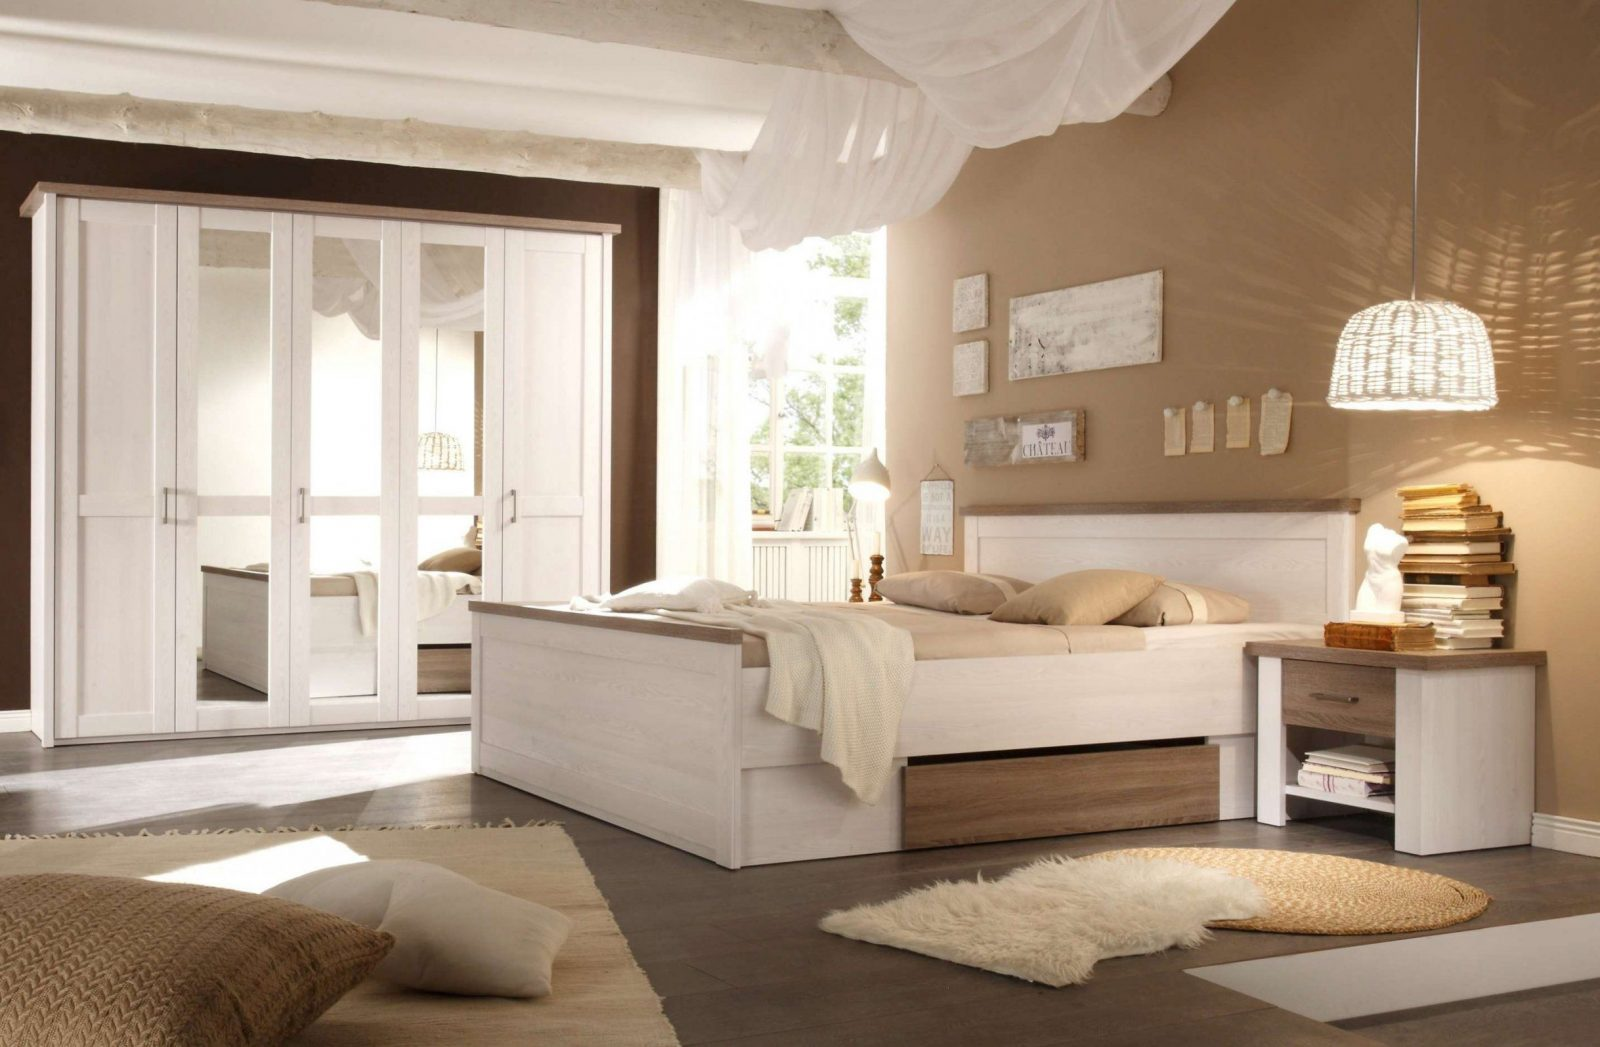 Wohnung Gestalten Wonderful Konzepte Betreffend Wohnung Gestalten von Wohnung Einrichten Ideen Selber Machen Bild